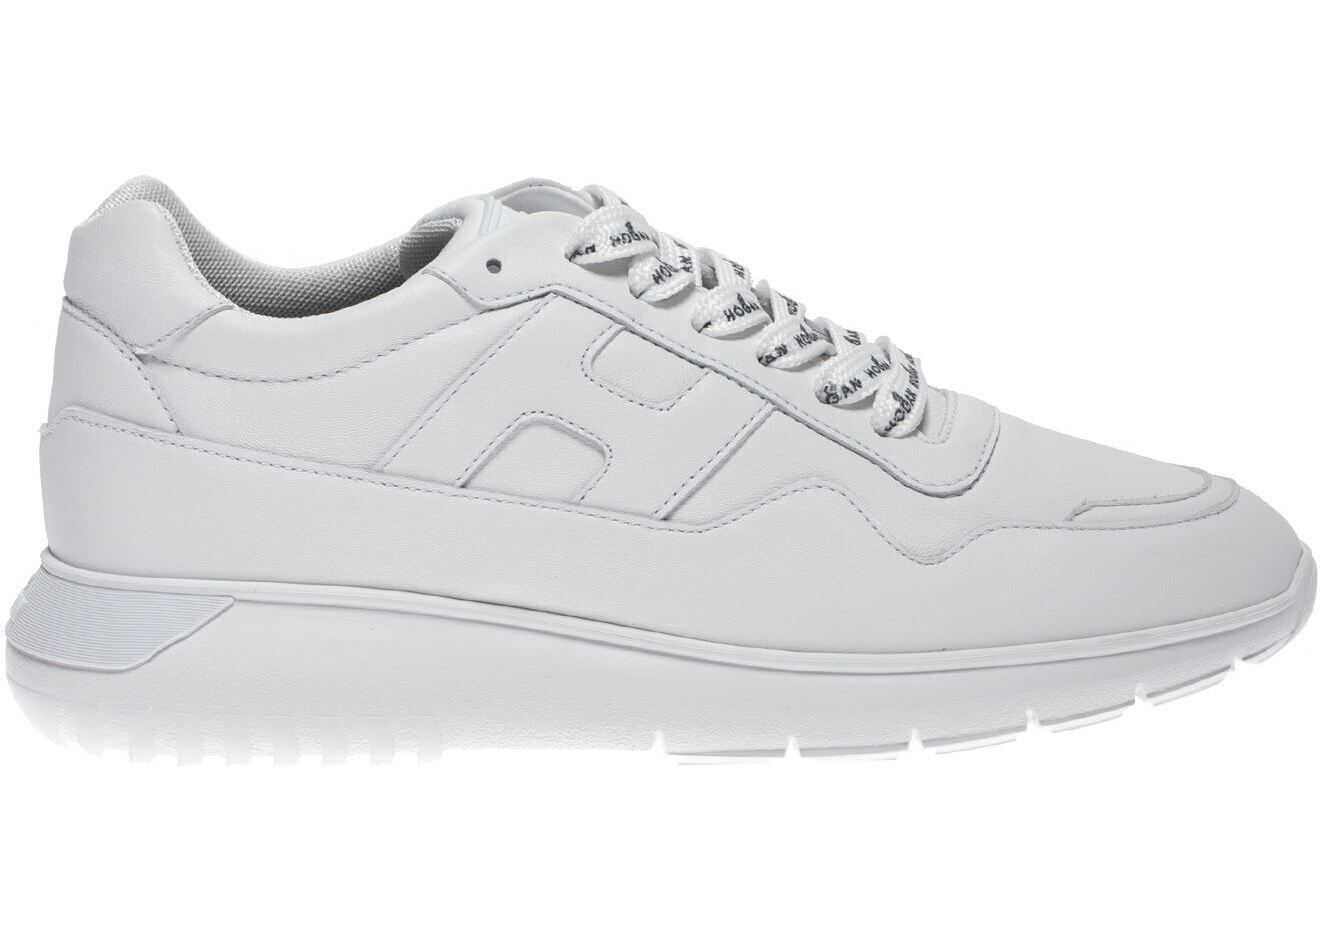 Hogan Interactive Sneakers In White HXM3710CP50LE9B001 White imagine b-mall.ro